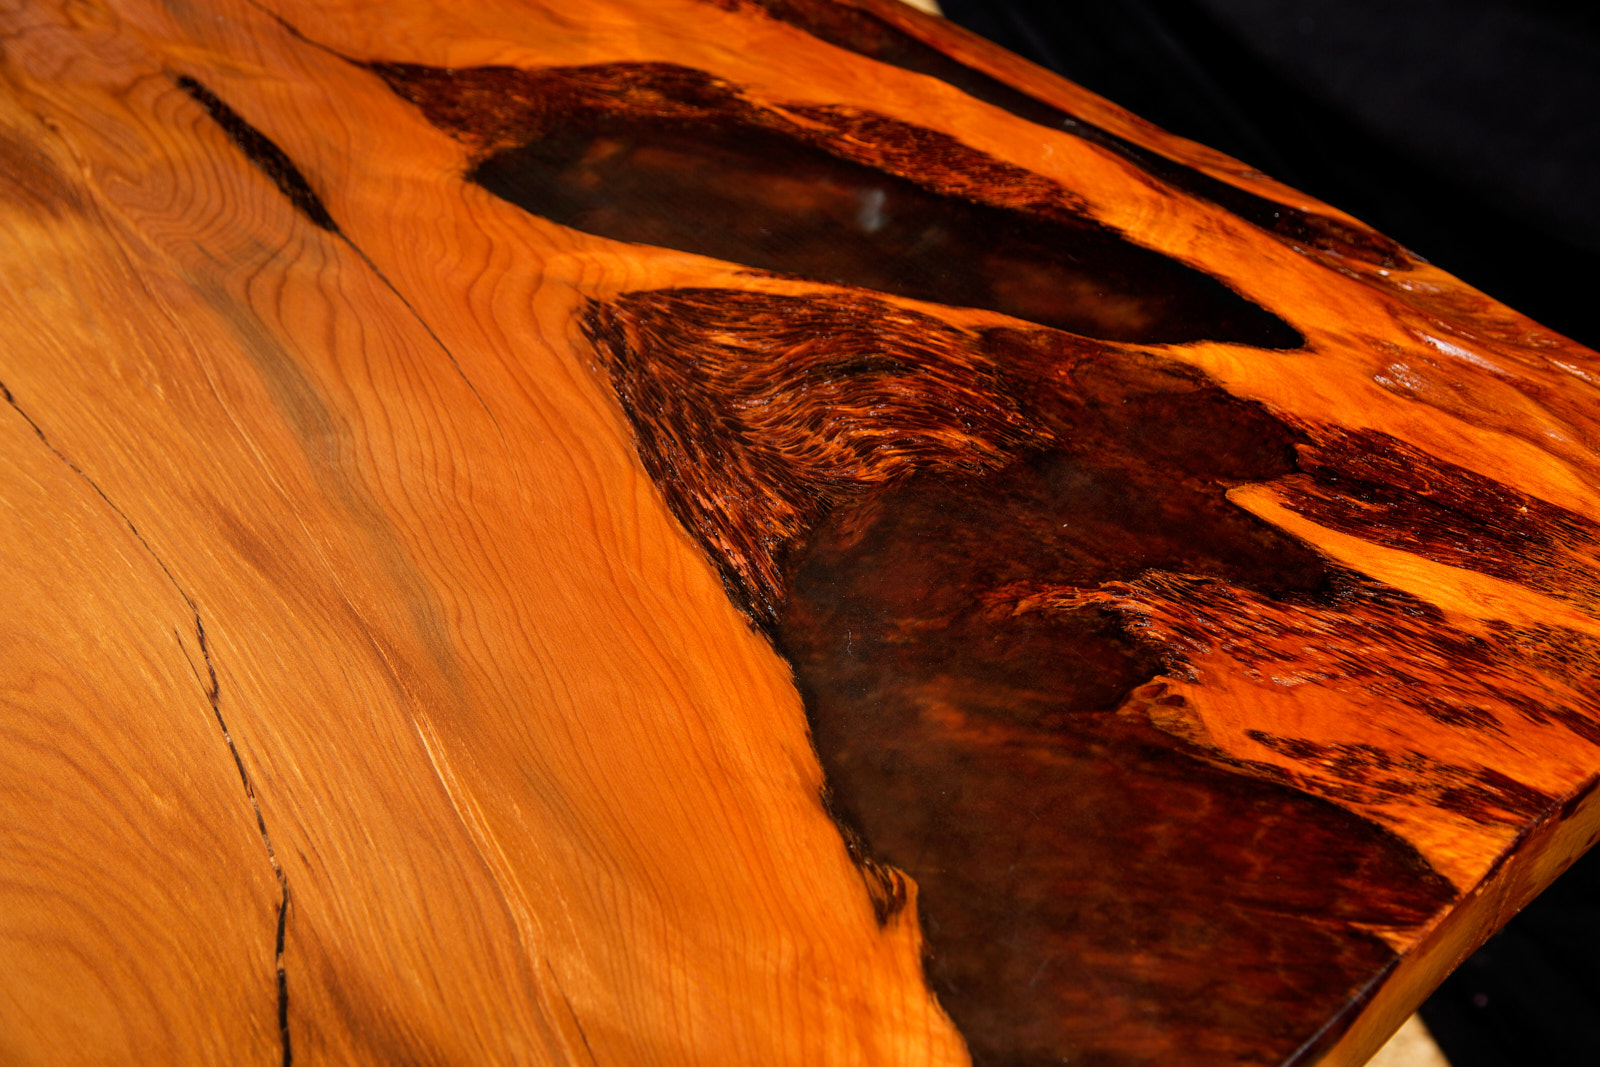 Kauri Esstischplatte mit einzigartigen Naturmerkmalen im exklusiven Holztisch, kunstvoller Tisch an einem Stück als Blickfang